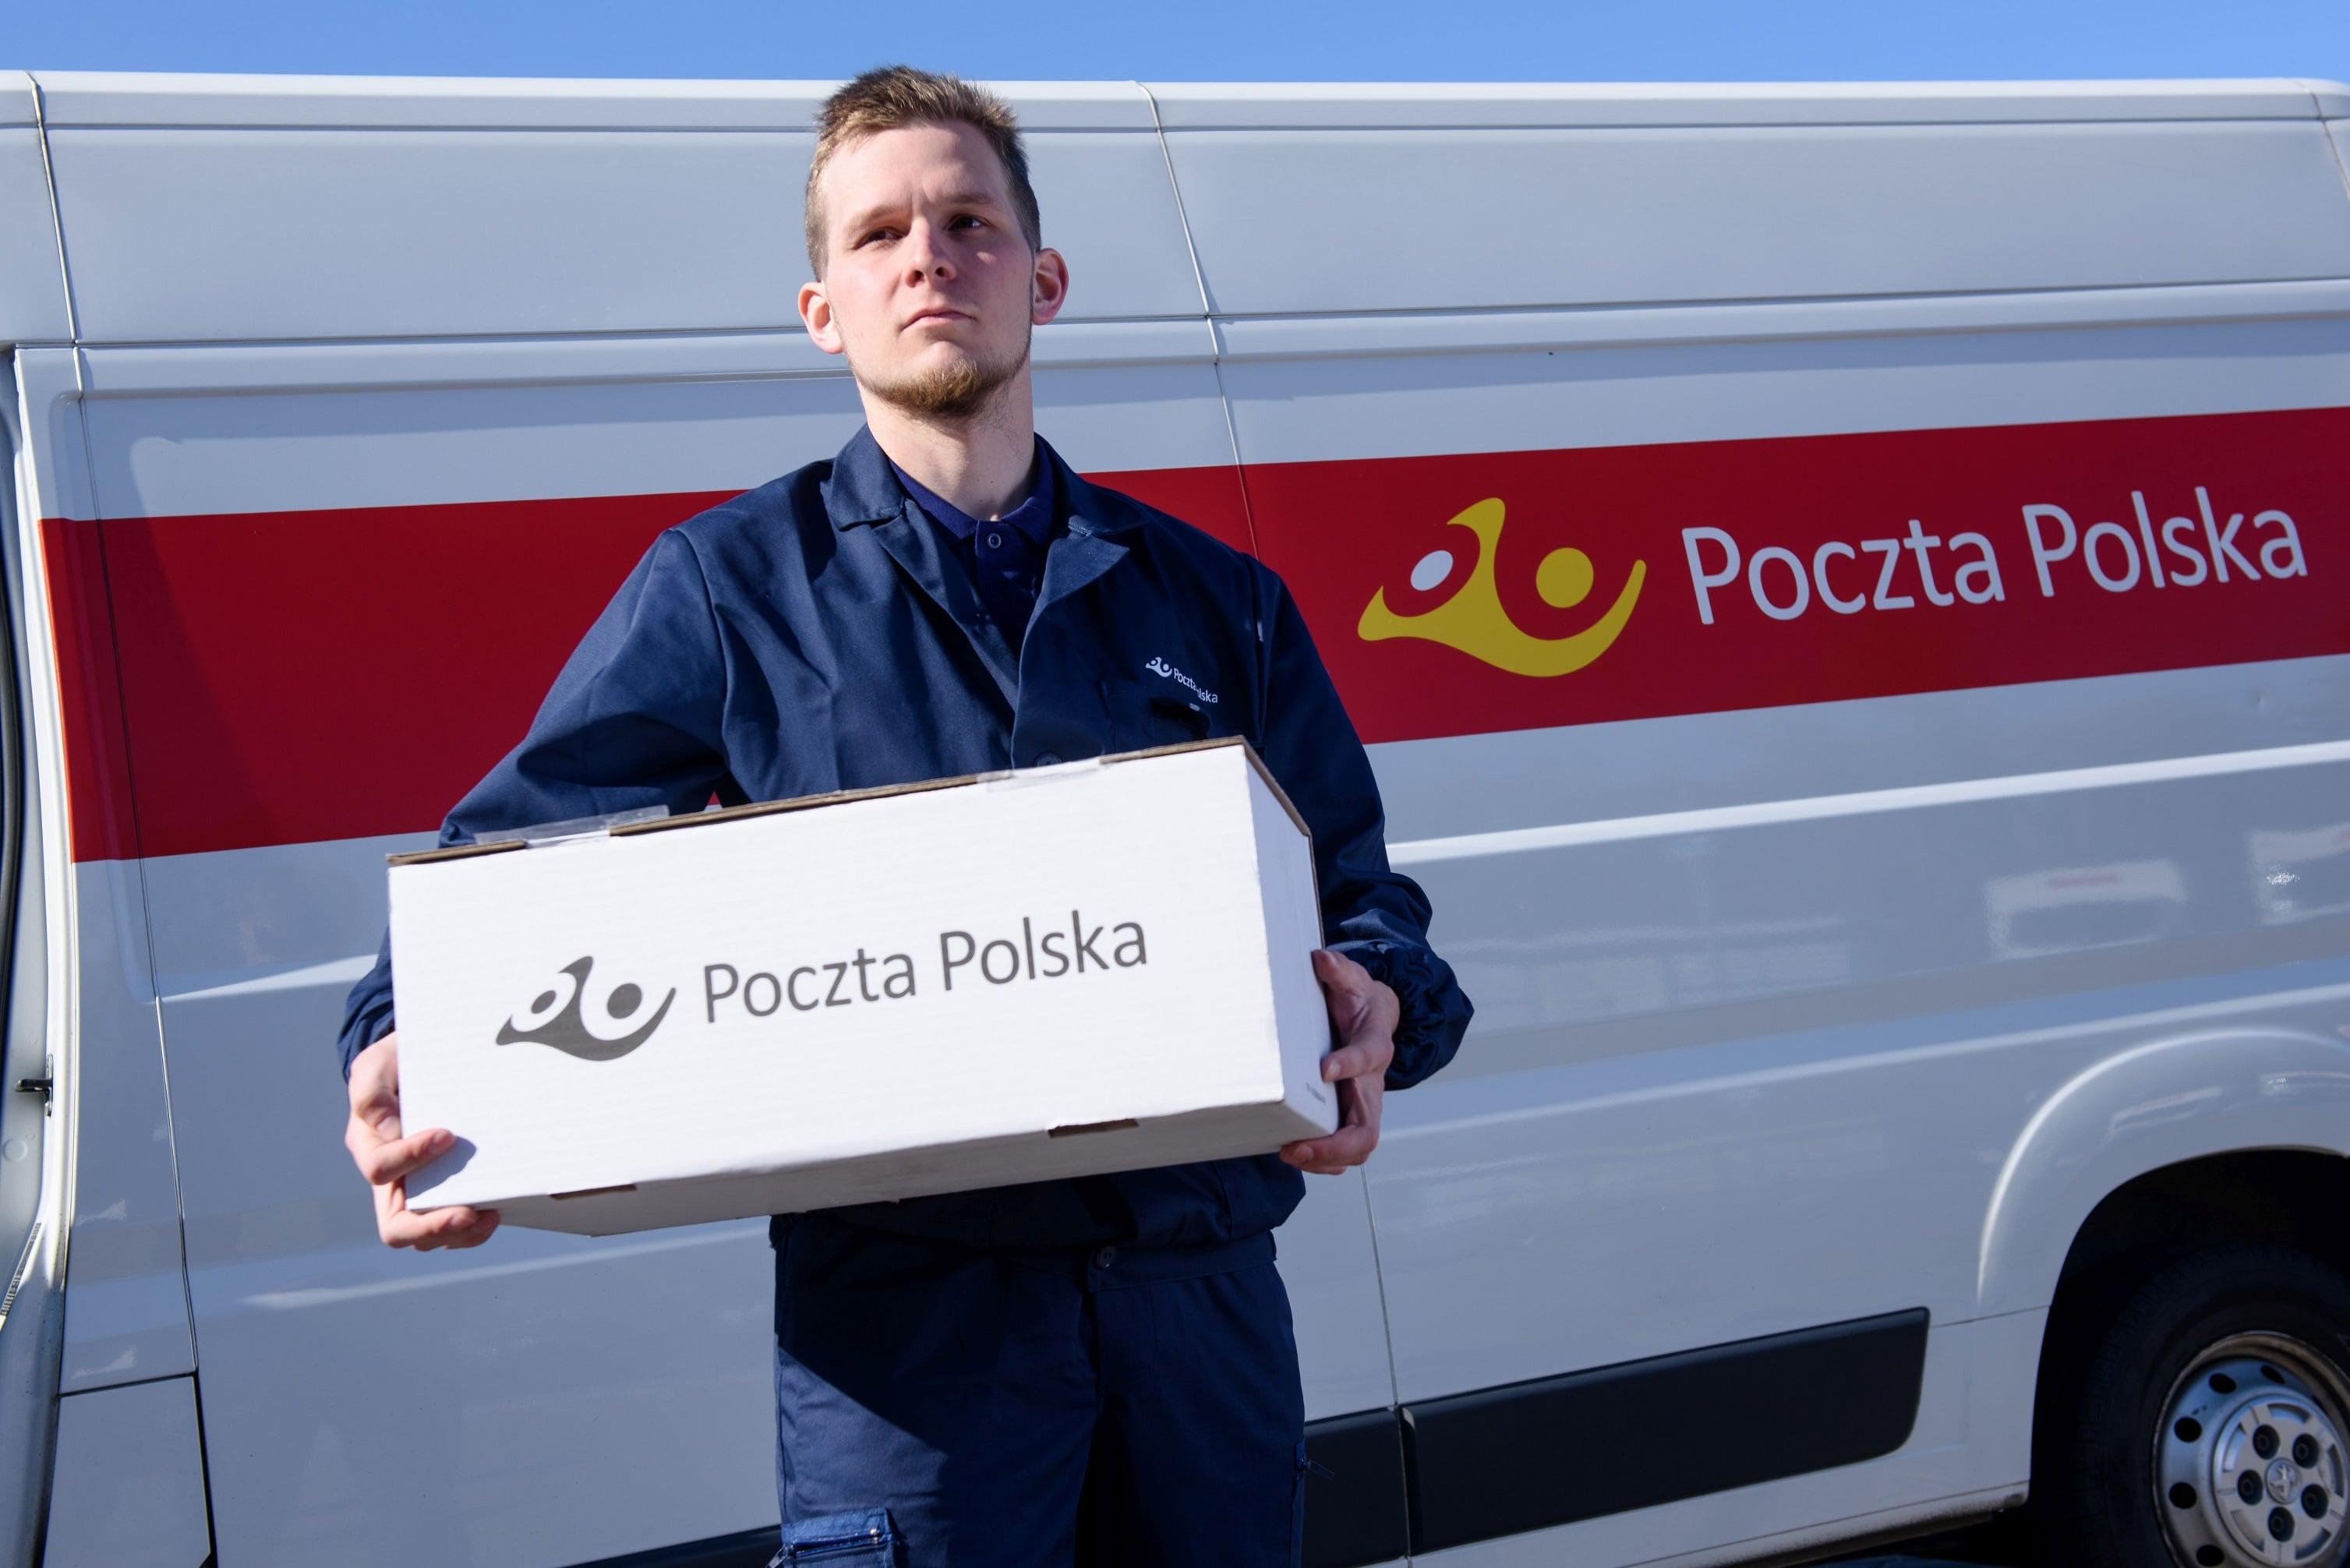 Tabletowo.pl Już wkrótce będziesz mógł odebrać wysłane Pocztą Polską paczki w sklepach Żabka i Freshmarket Nowości